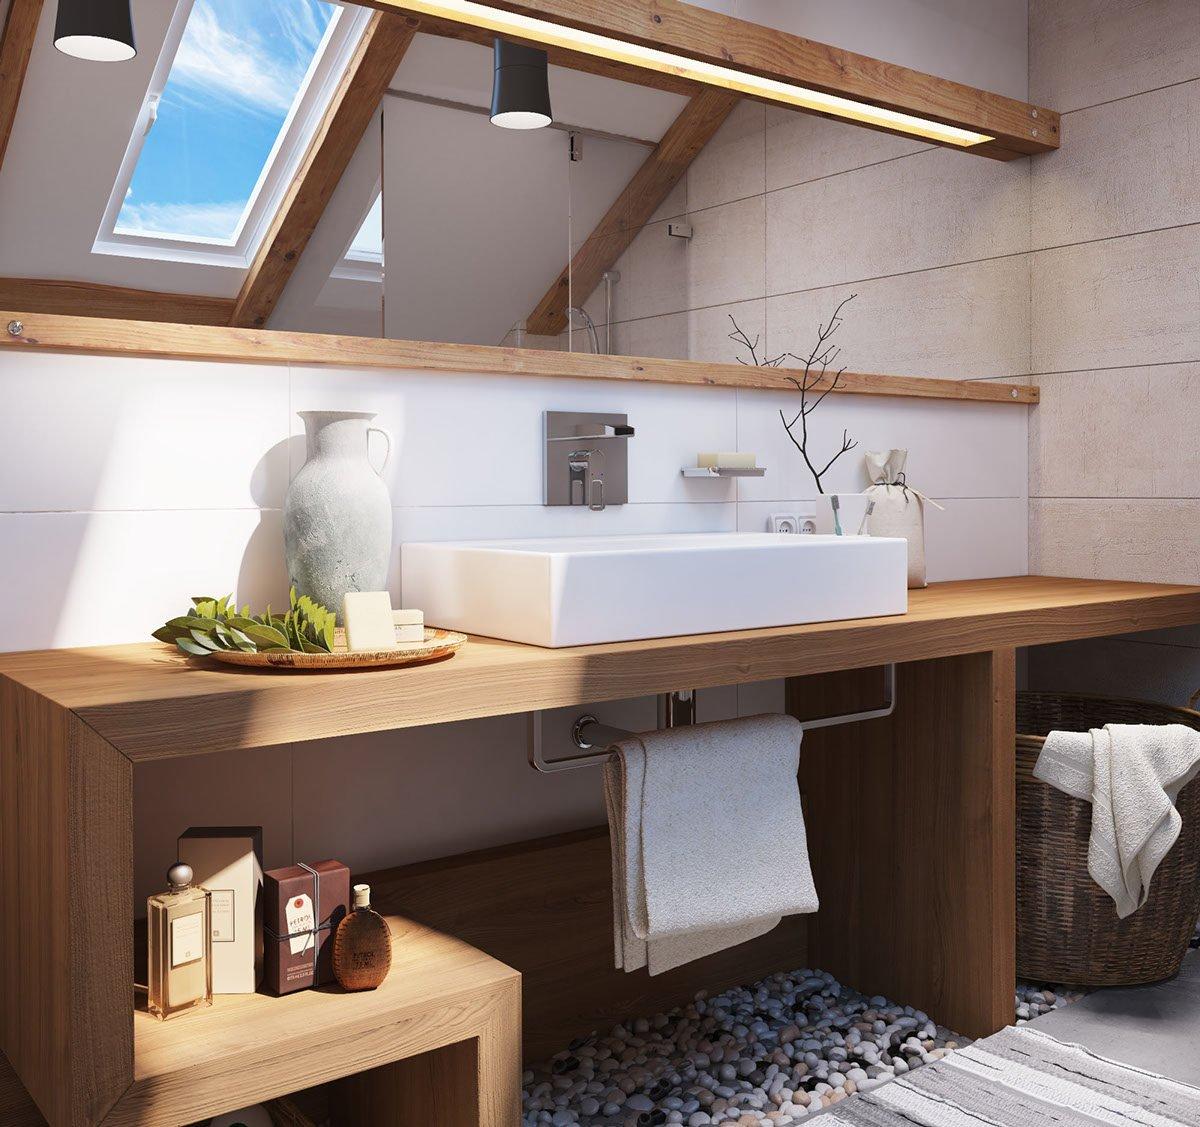 206 4 thiết kế phòng áp mái hiện đại và độc đáo qpdesign